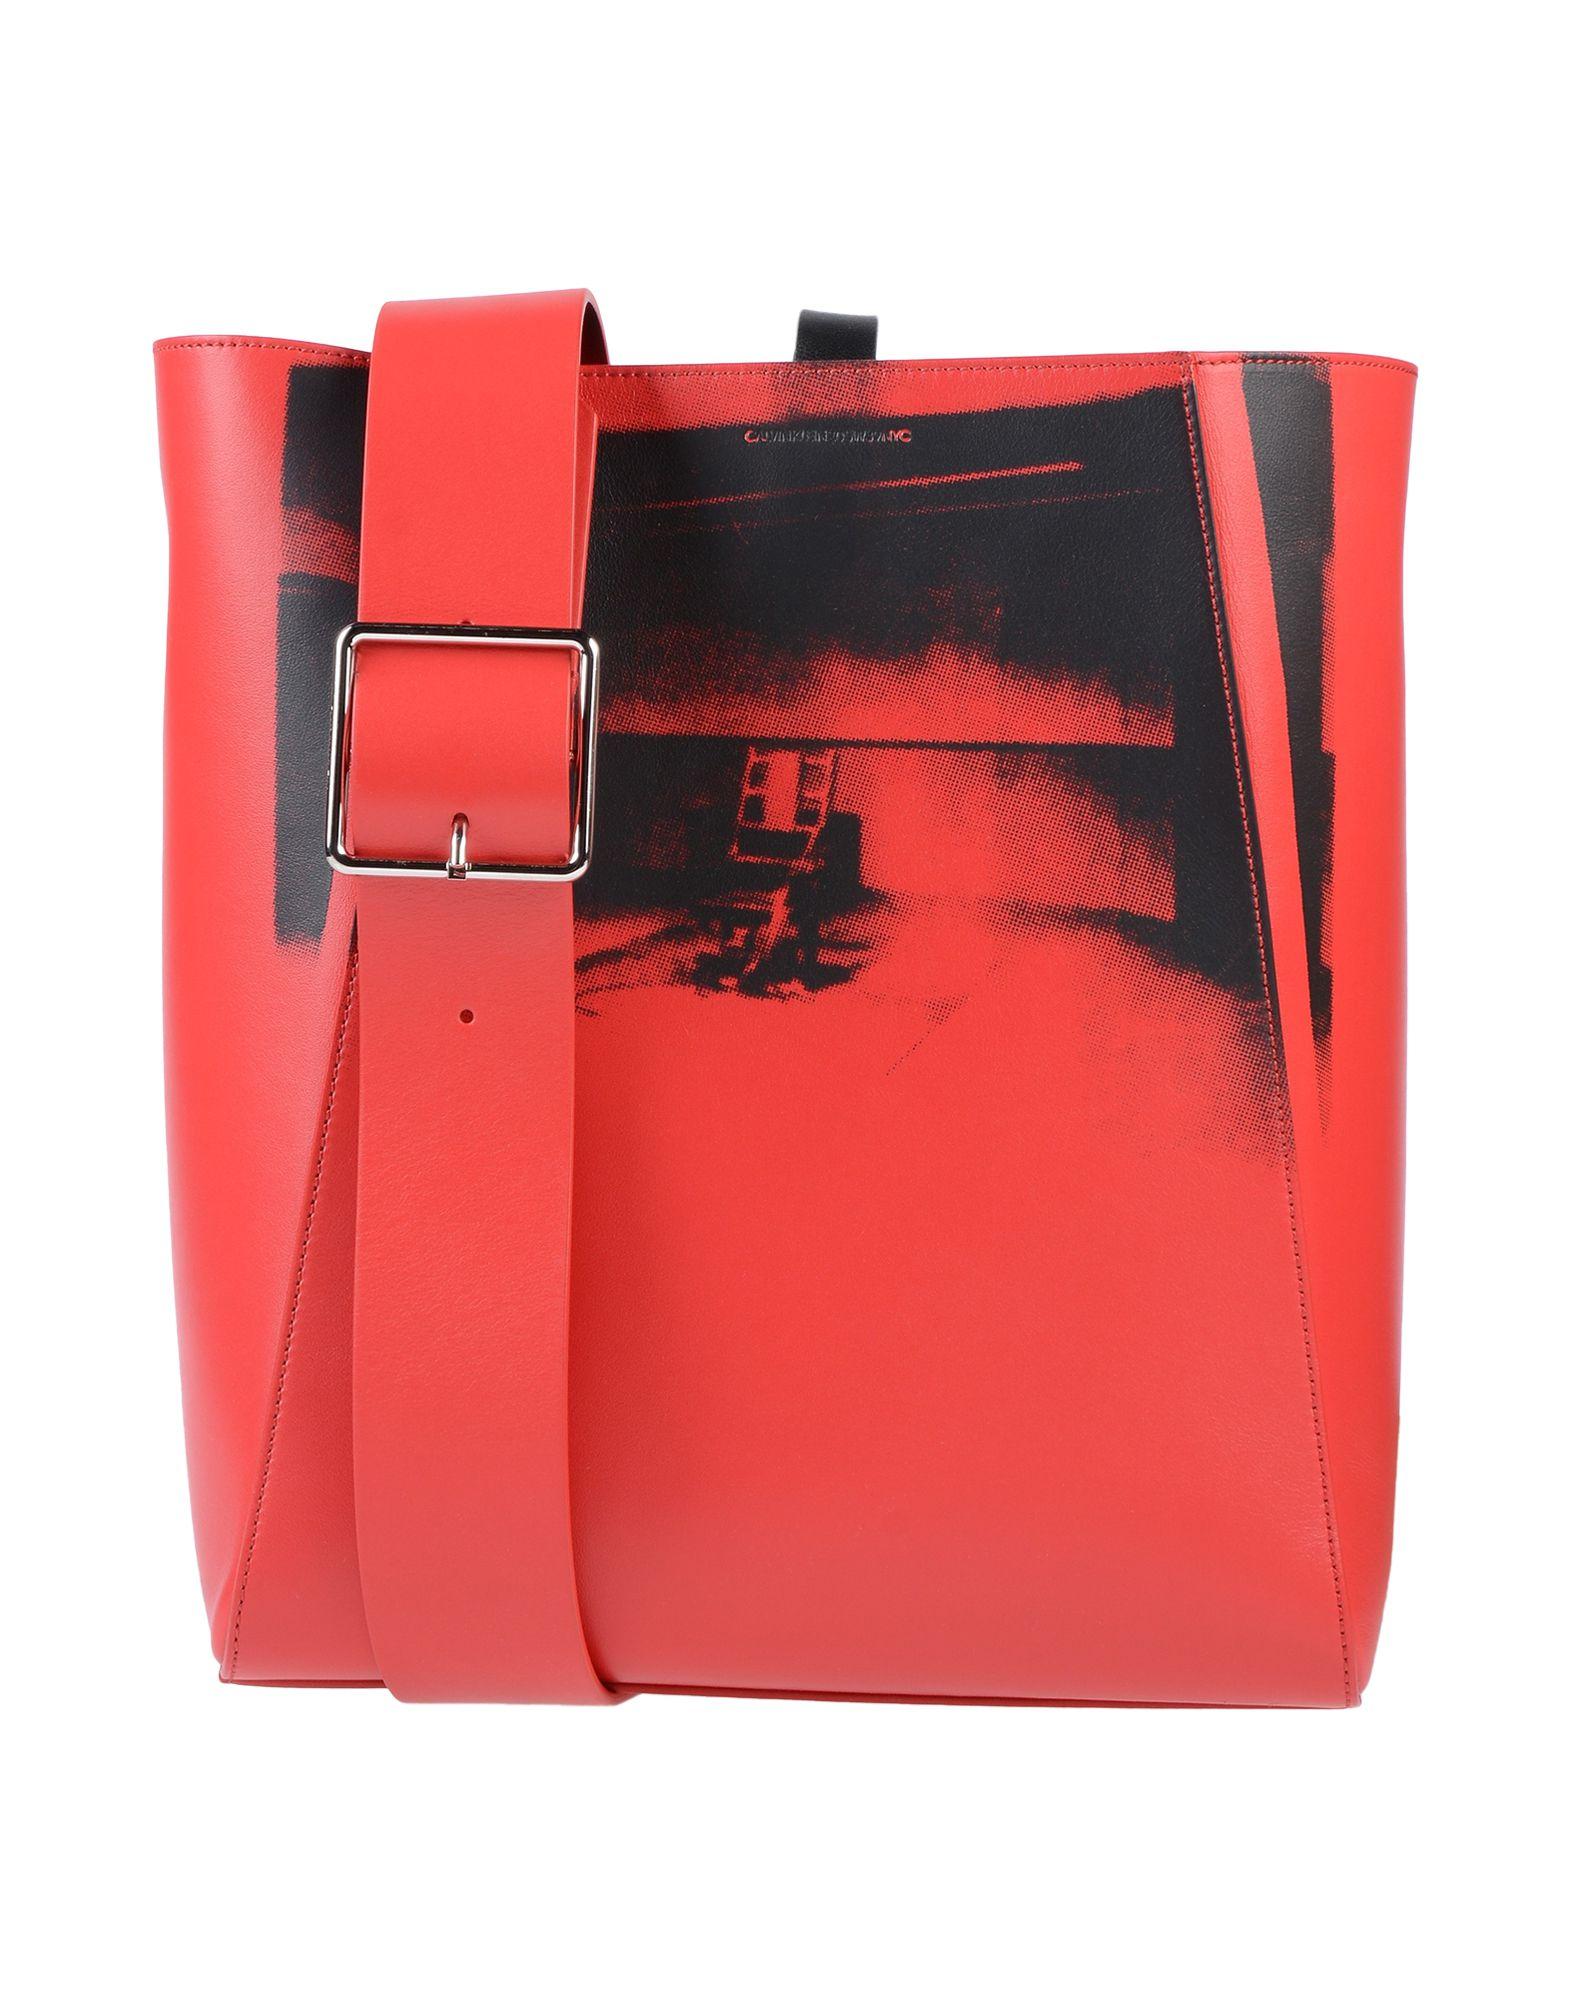 calvin klein 205w39nyc сумка на плечо CALVIN KLEIN 205W39NYC Сумка через плечо